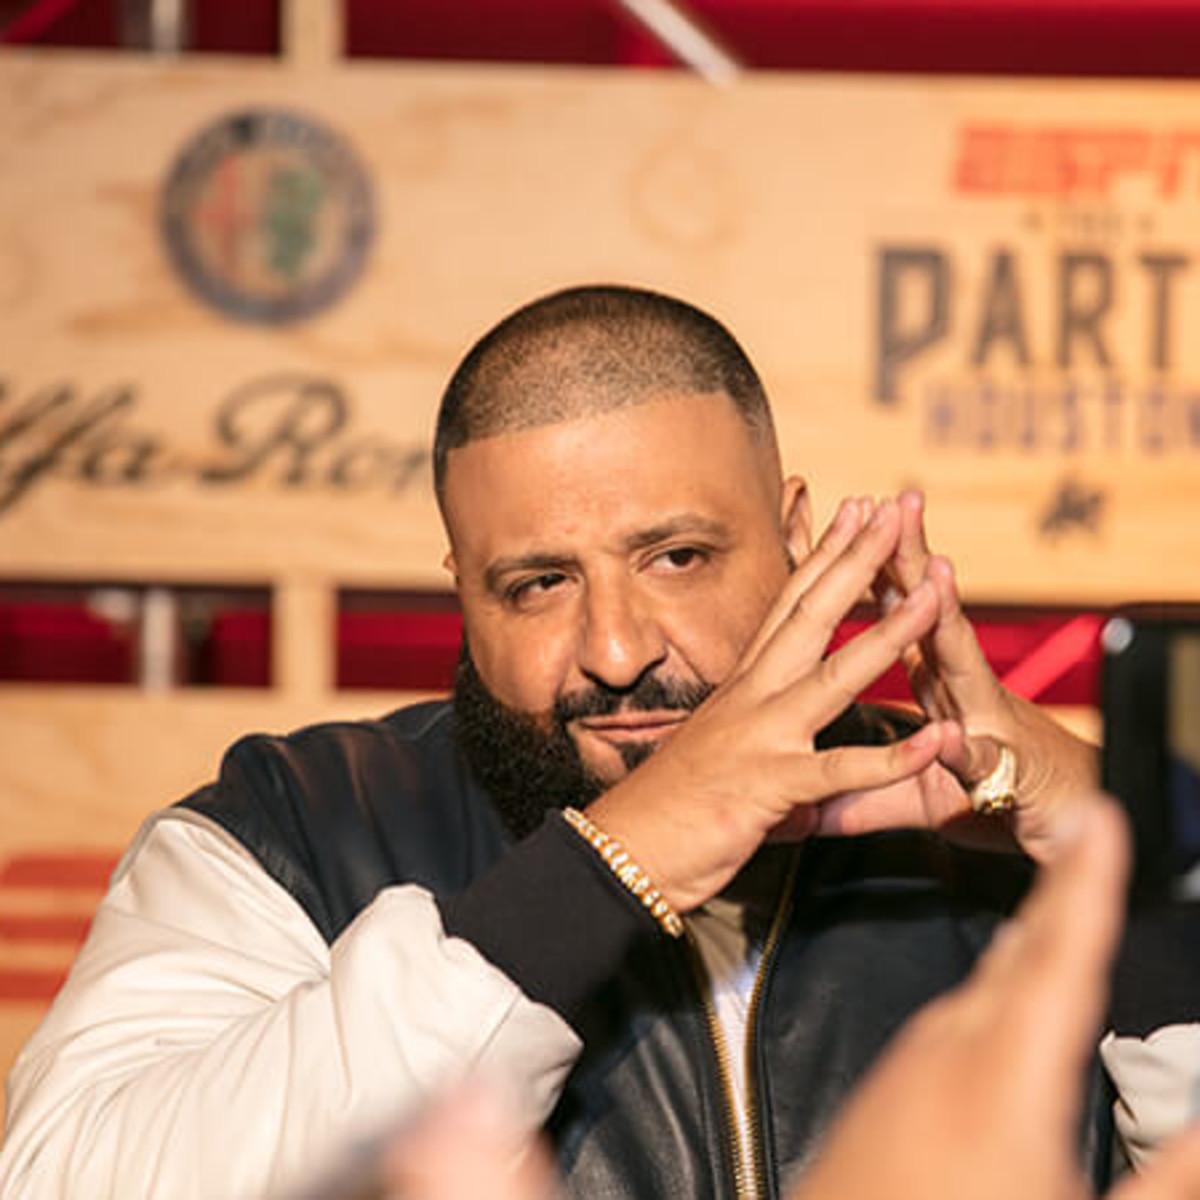 ESPN The Party DJ Khaled